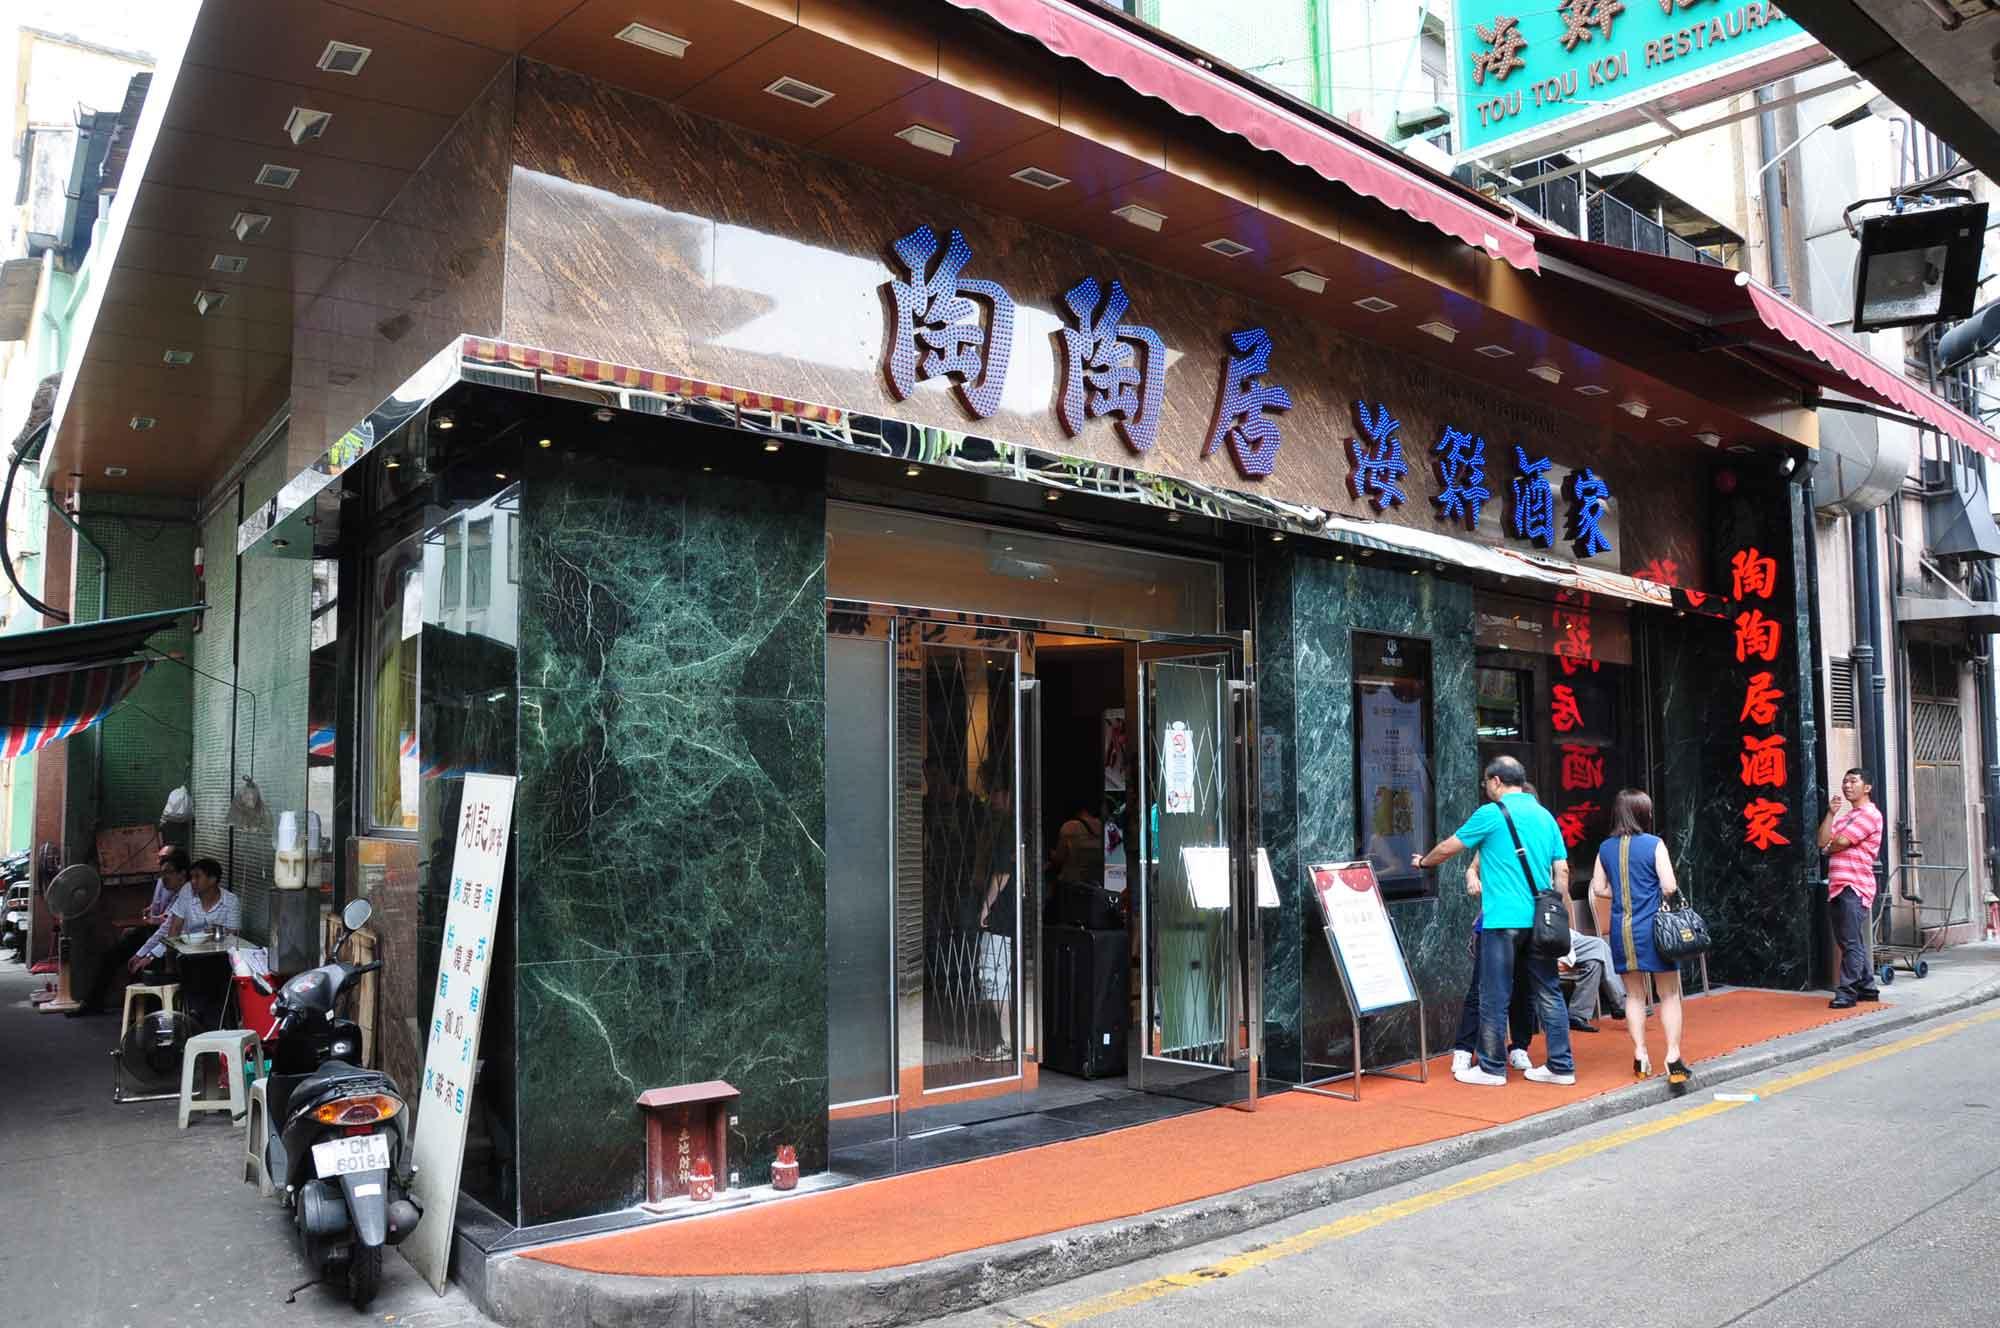 Tou Tou Koi Macau exterior